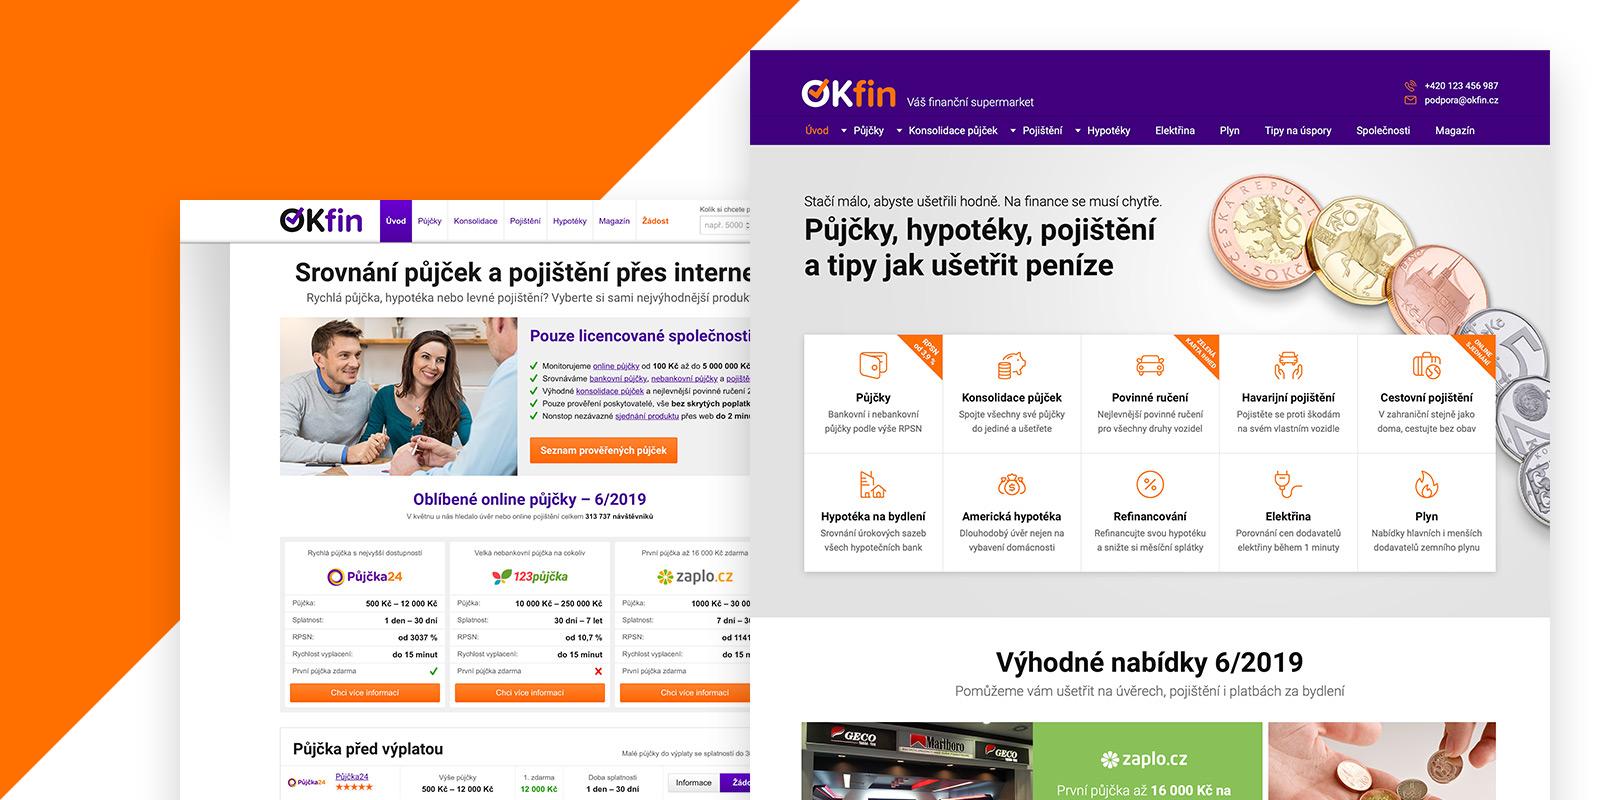 Portál OKfin.cz prošel po 5 letech kompletním redesignem. Co všechno je nové?